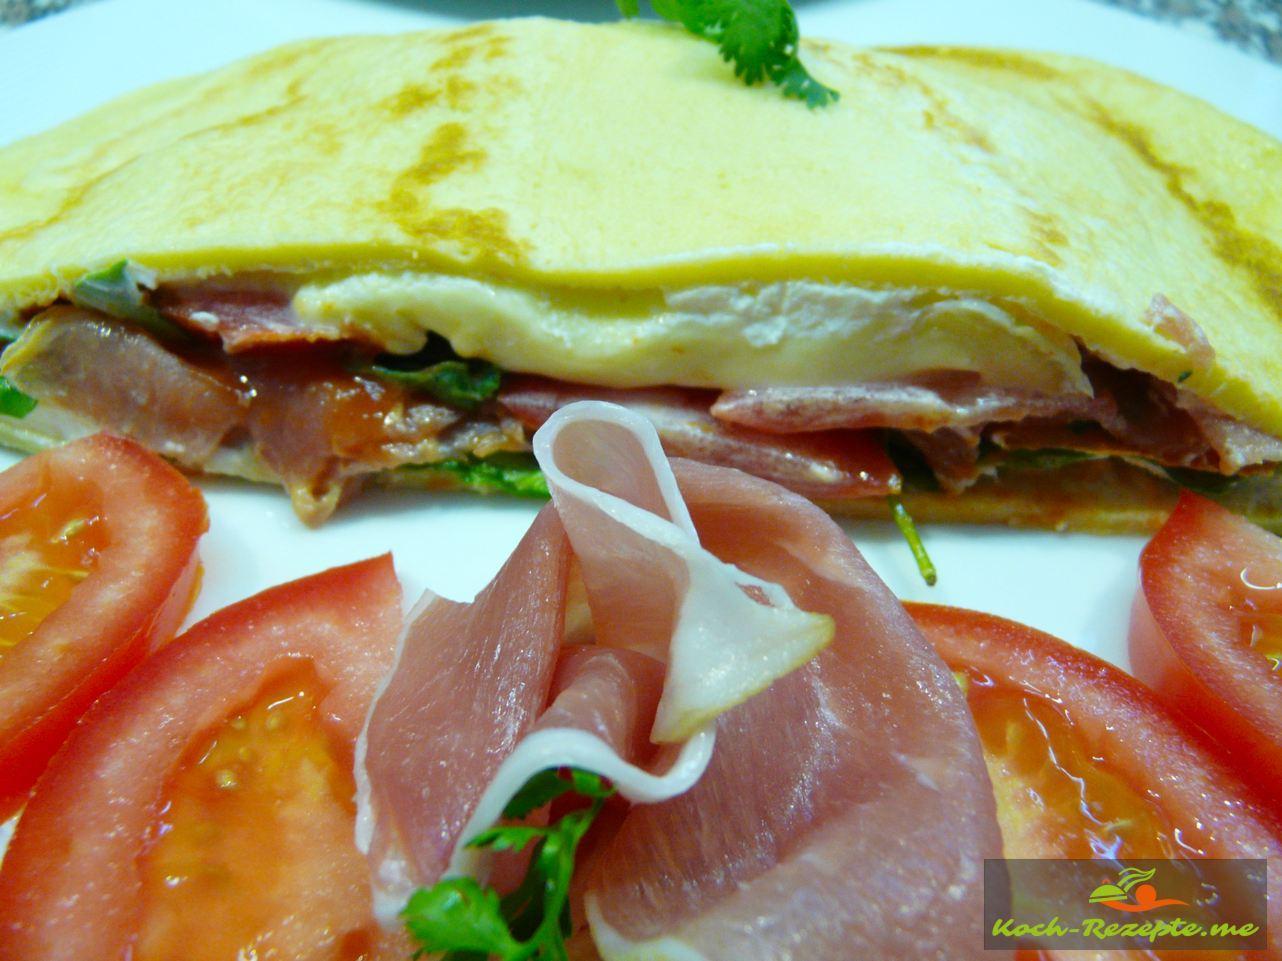 Verschieden belegte Crepes, mit rohem Schinken Tomaten Käse, Rucola Salat, Frischkäse